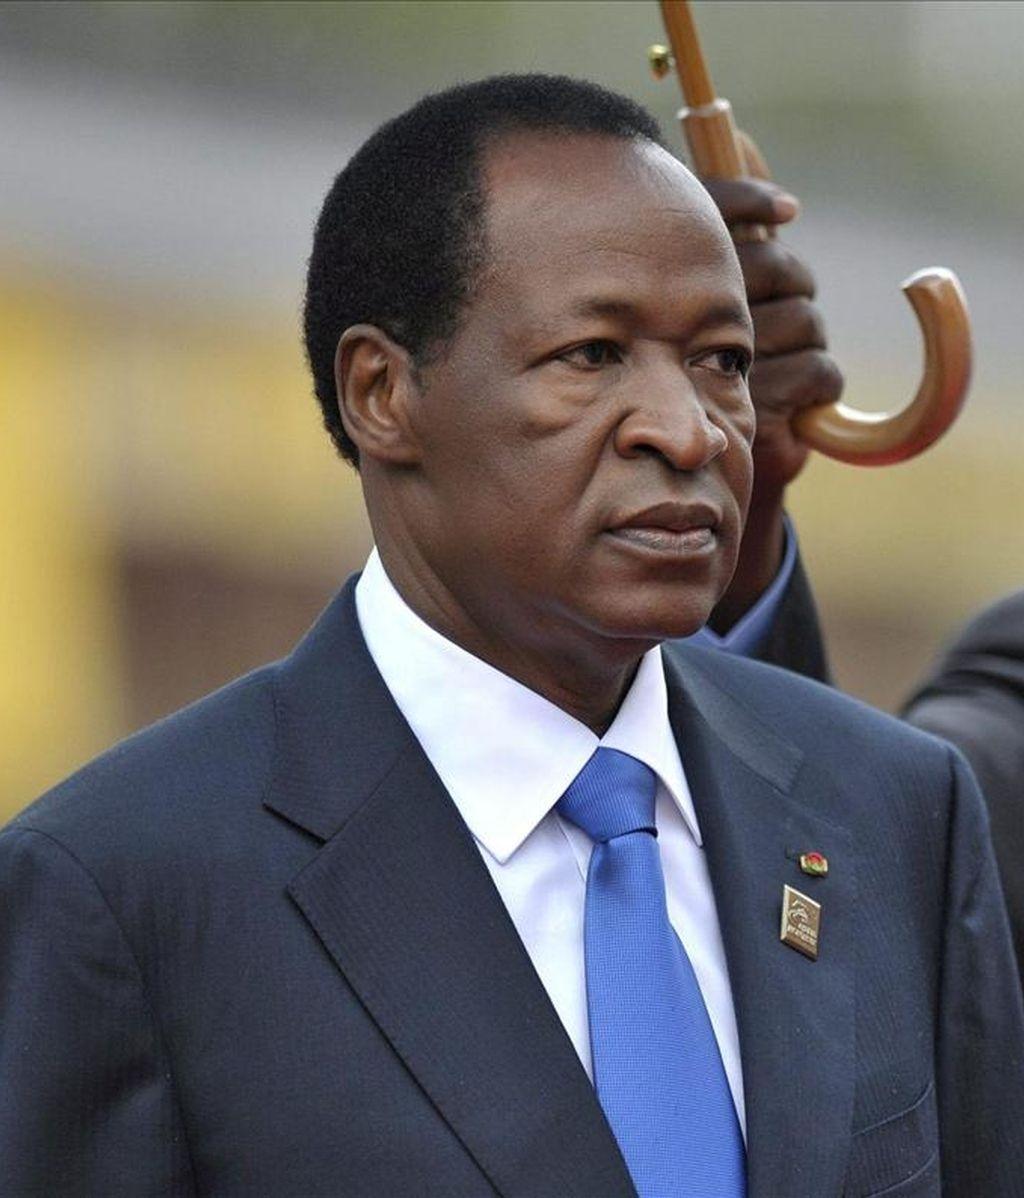 En la imagen, el presidente saliente de Burkina Faso, Blaise Compaoré. EFE/ Archivo